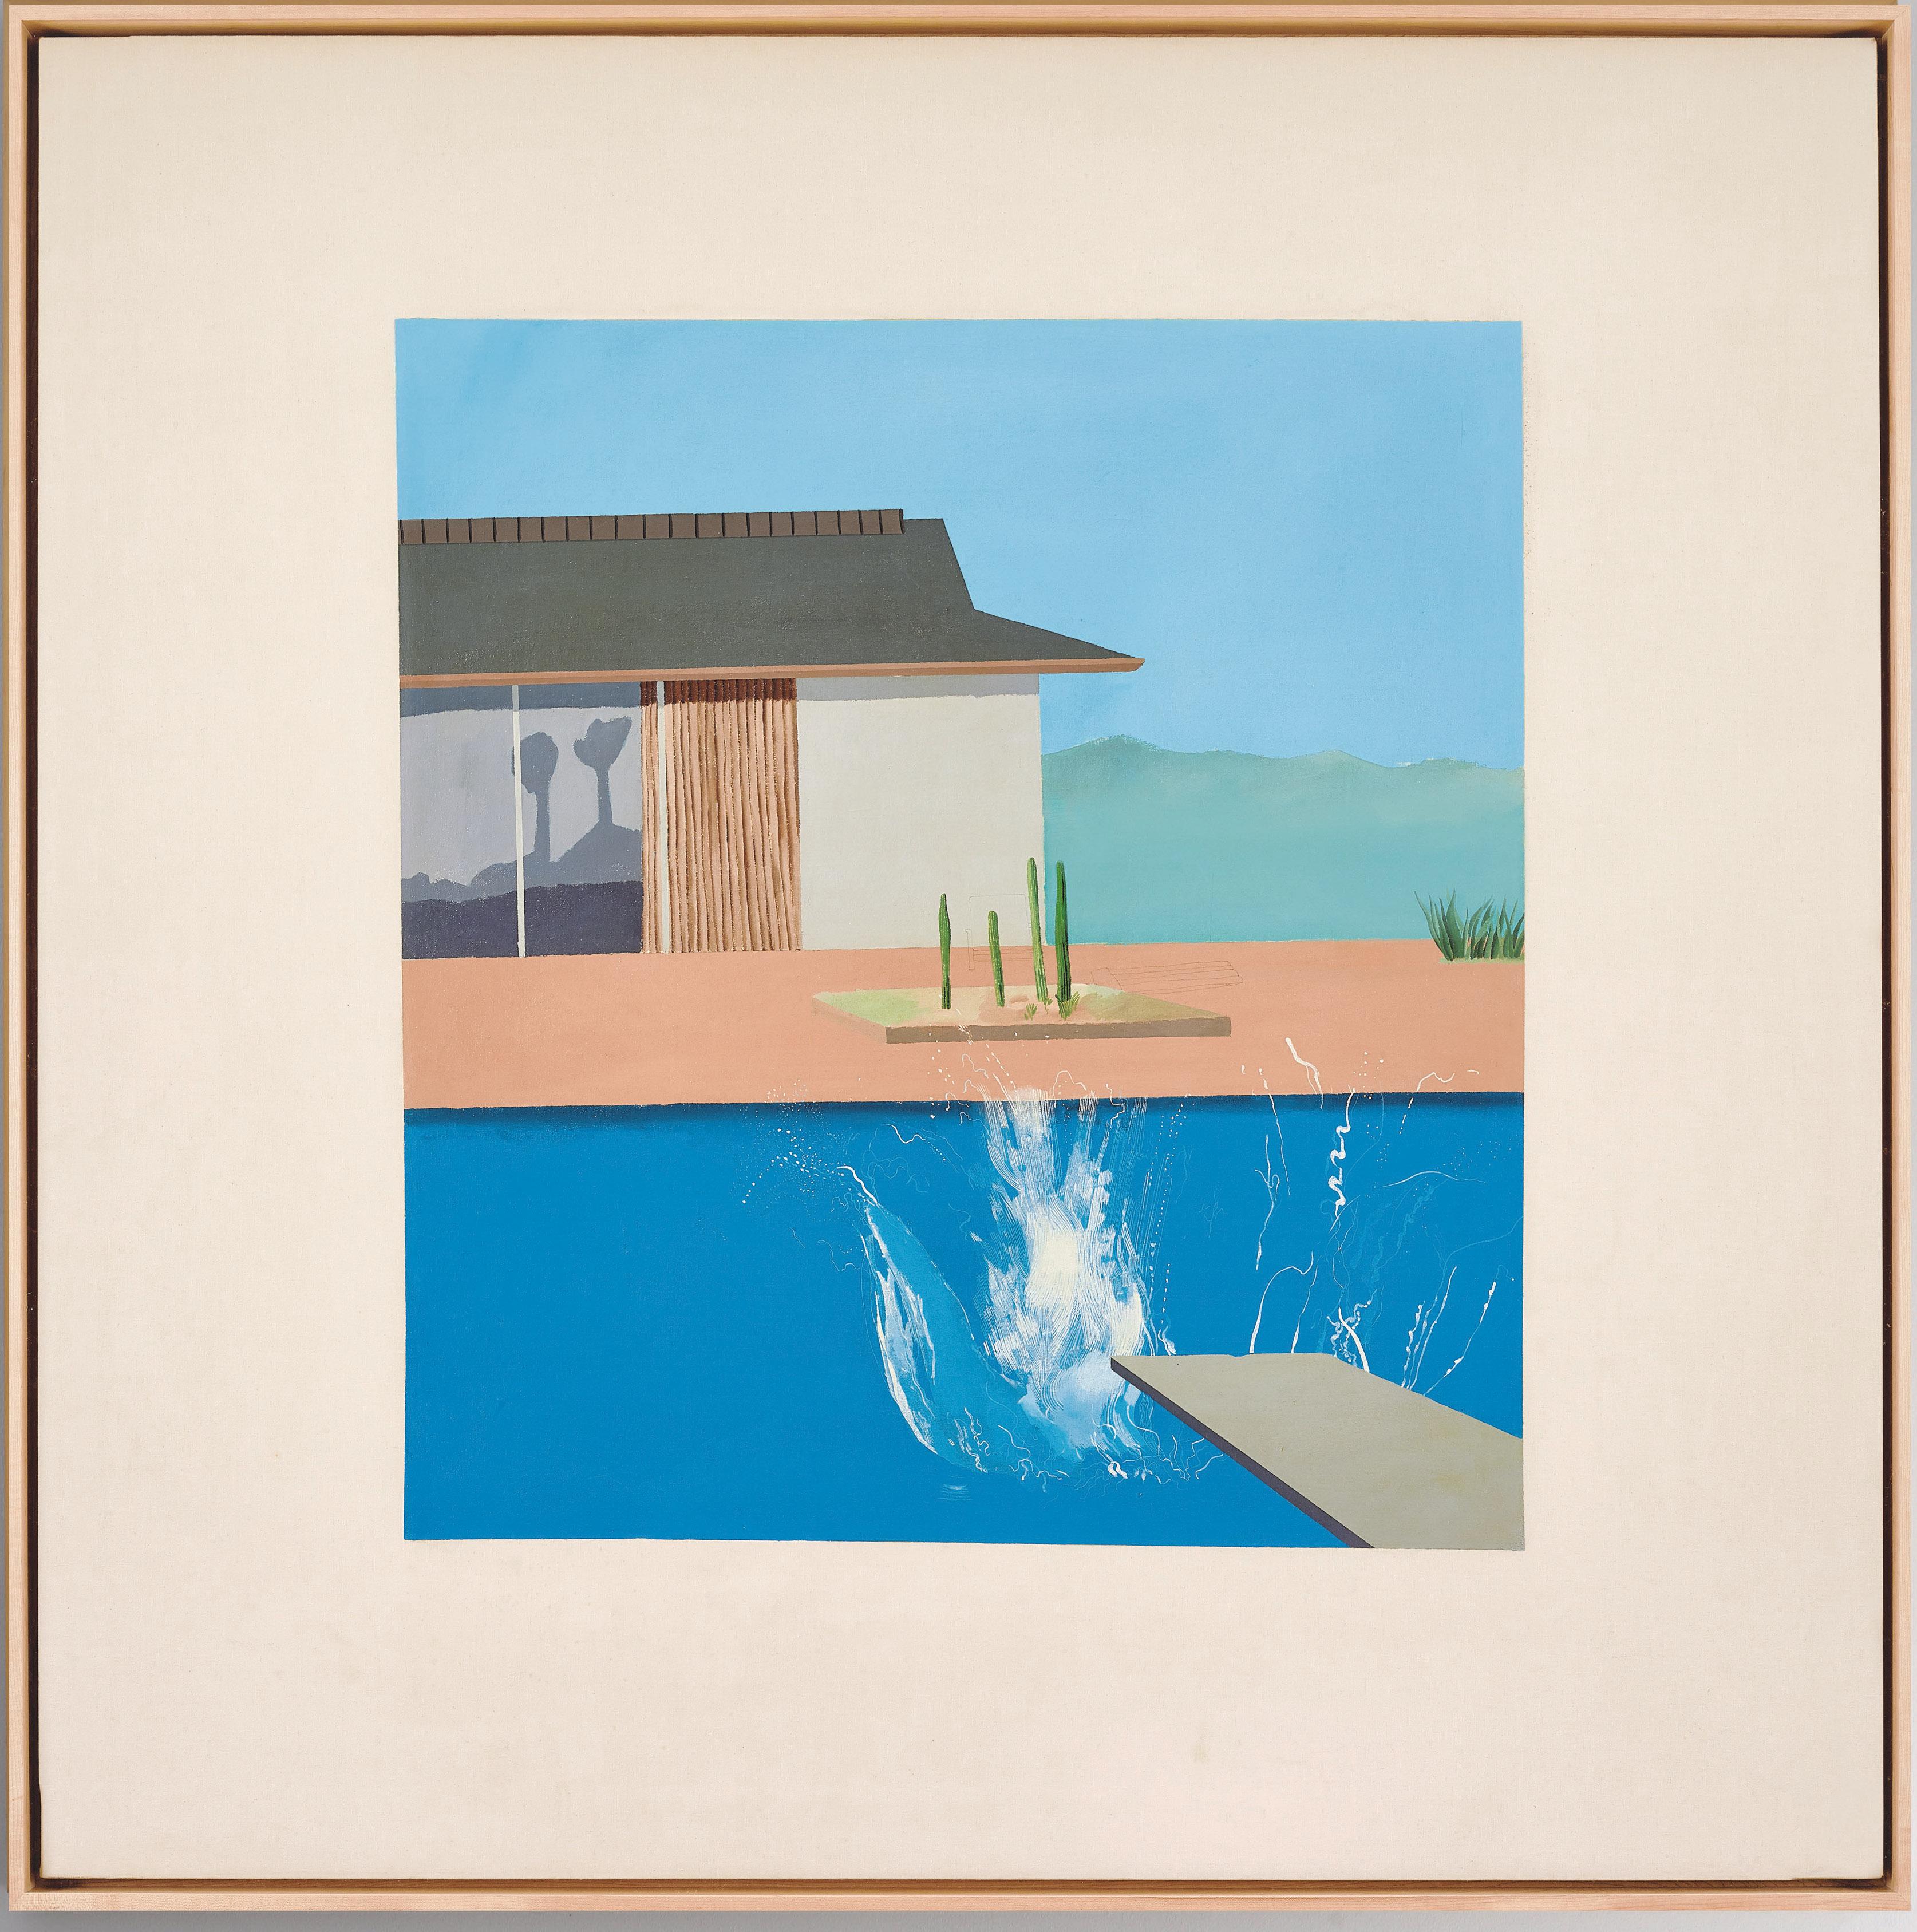 David Hockney. A Bigger Splash 1967